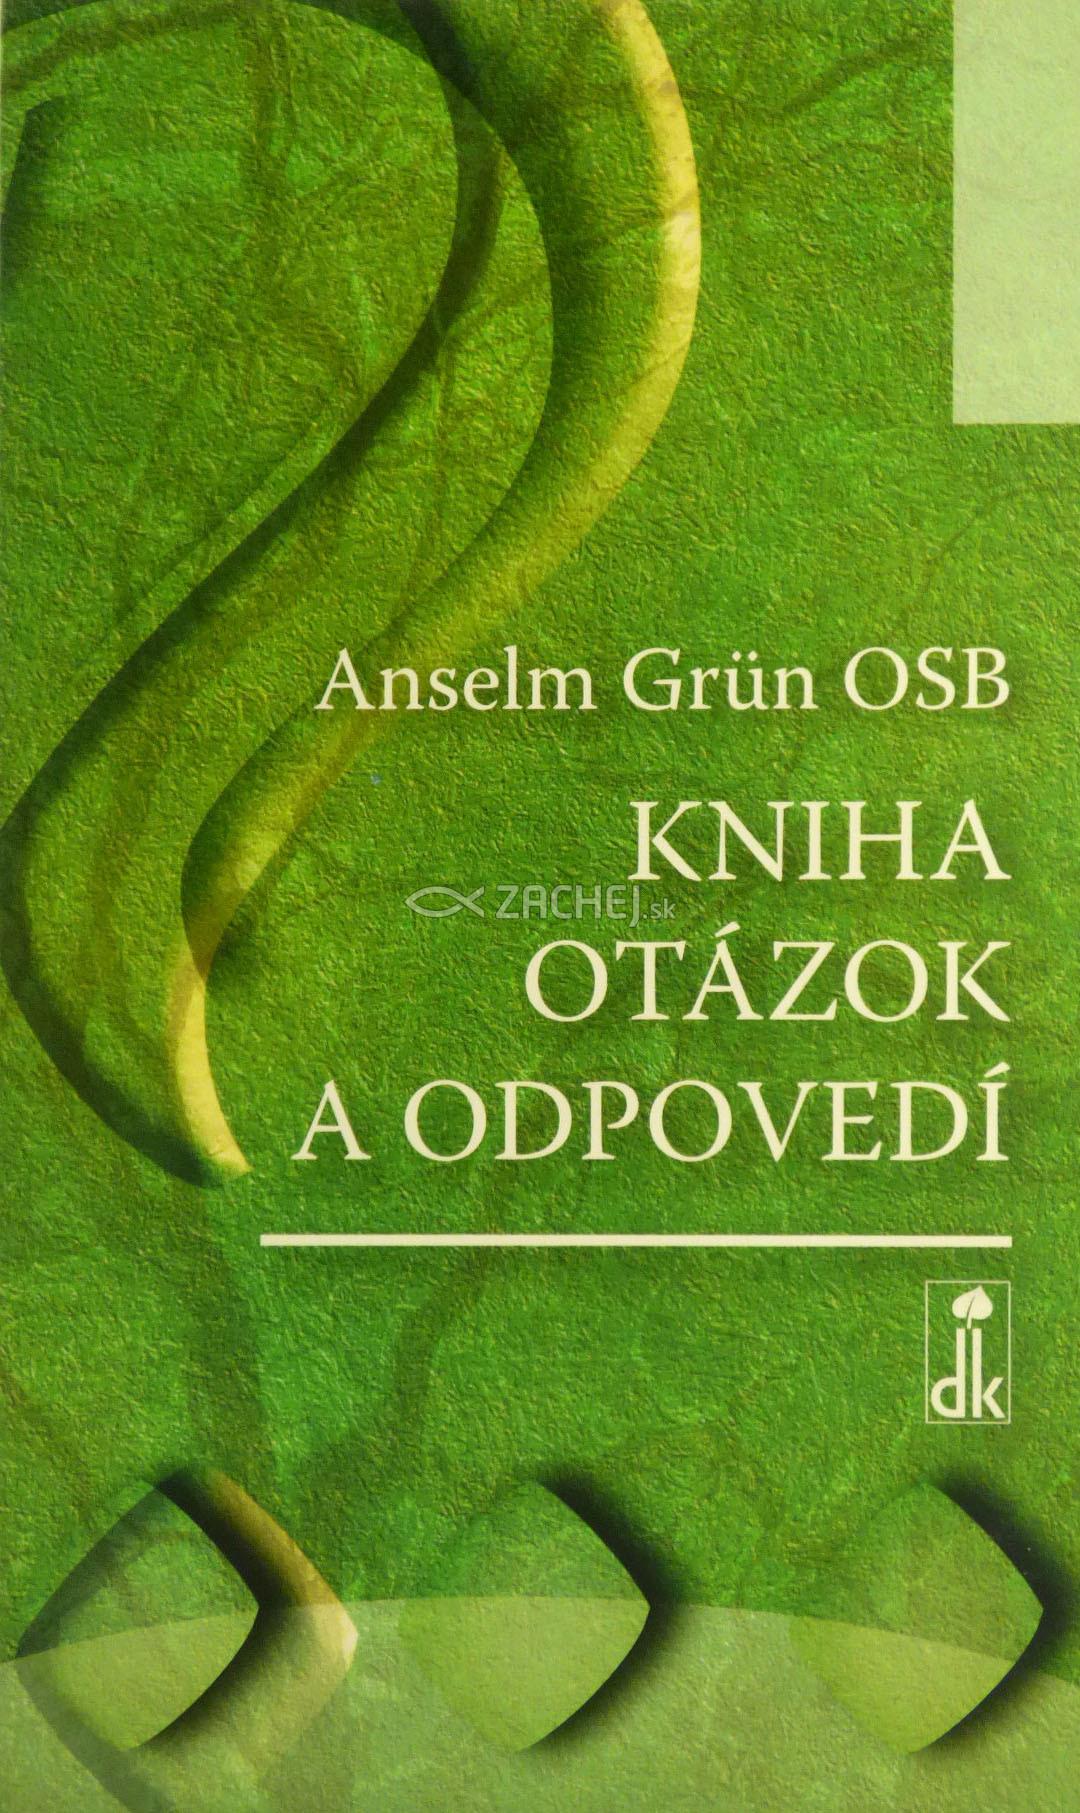 Kniha otázok a odpovedí